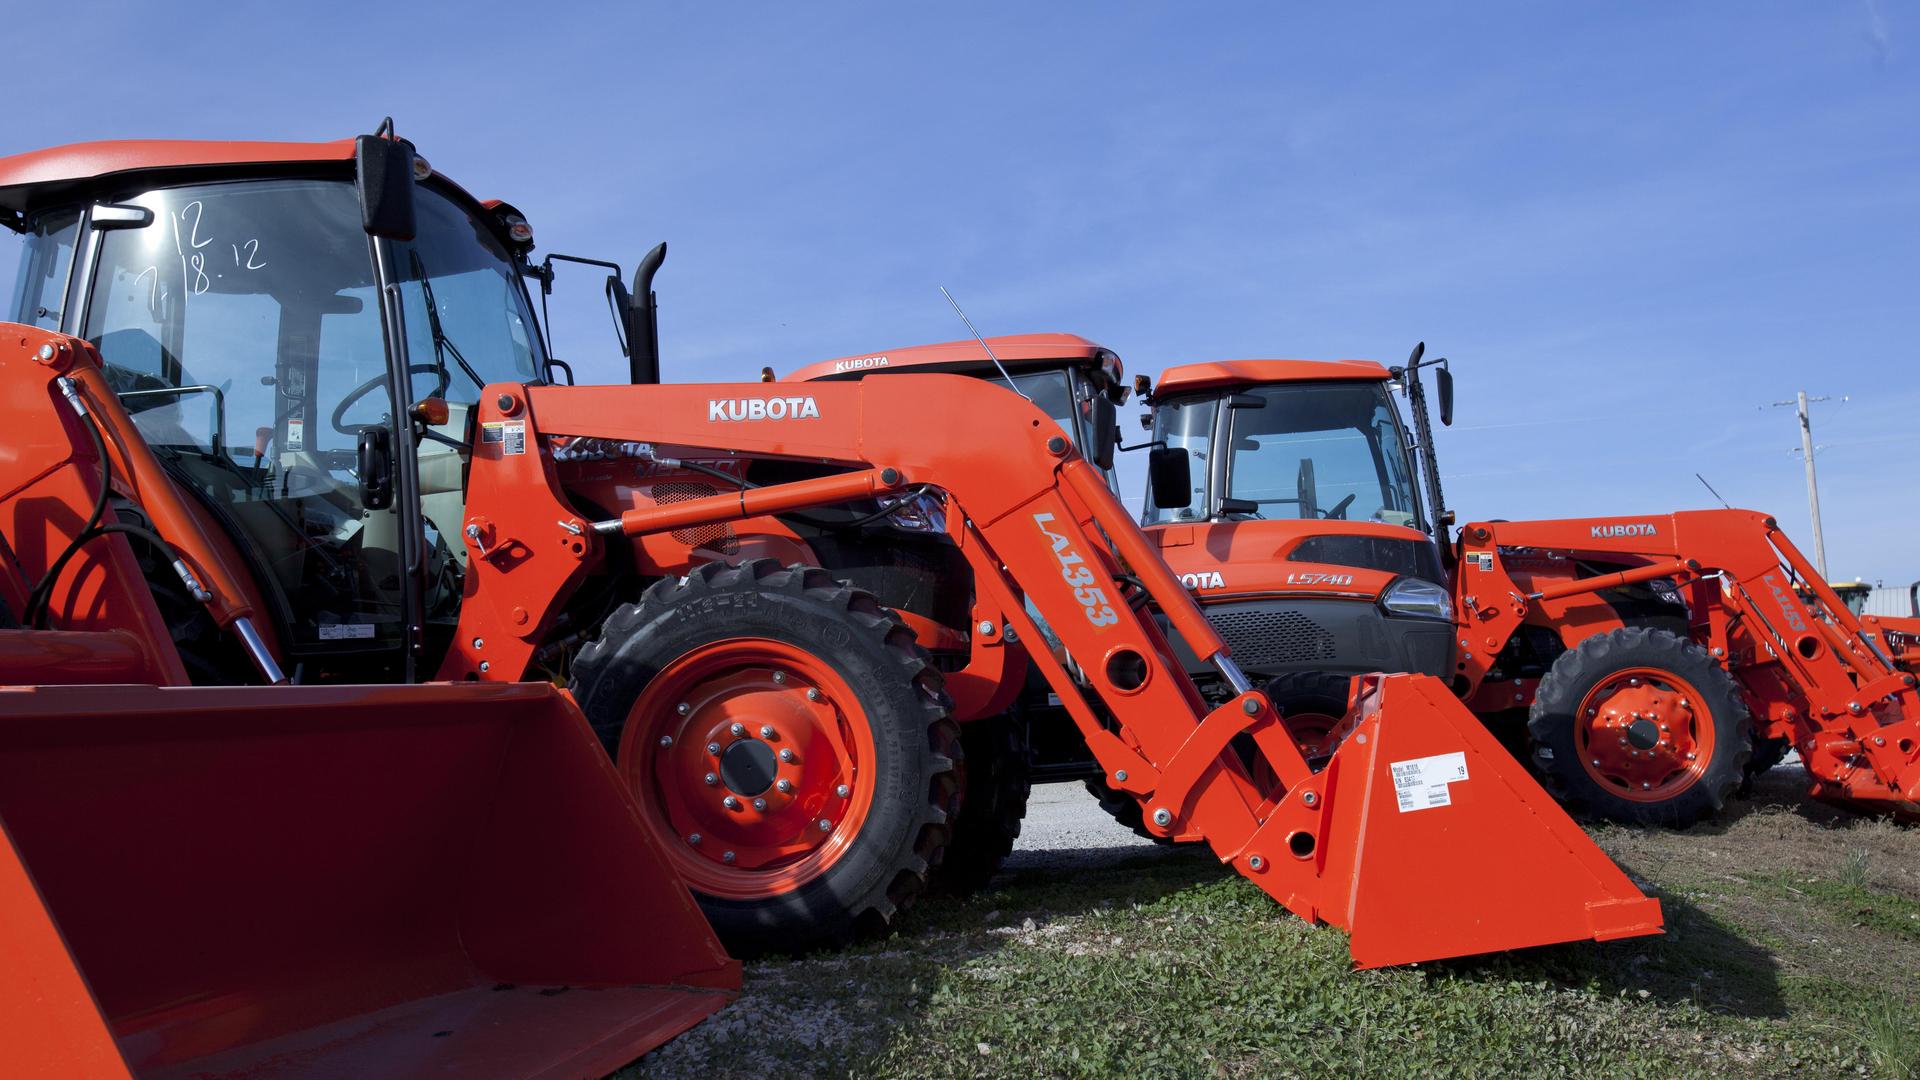 Kubota tractors for sale in kentucky - Combines Tractors Kubota Tractor